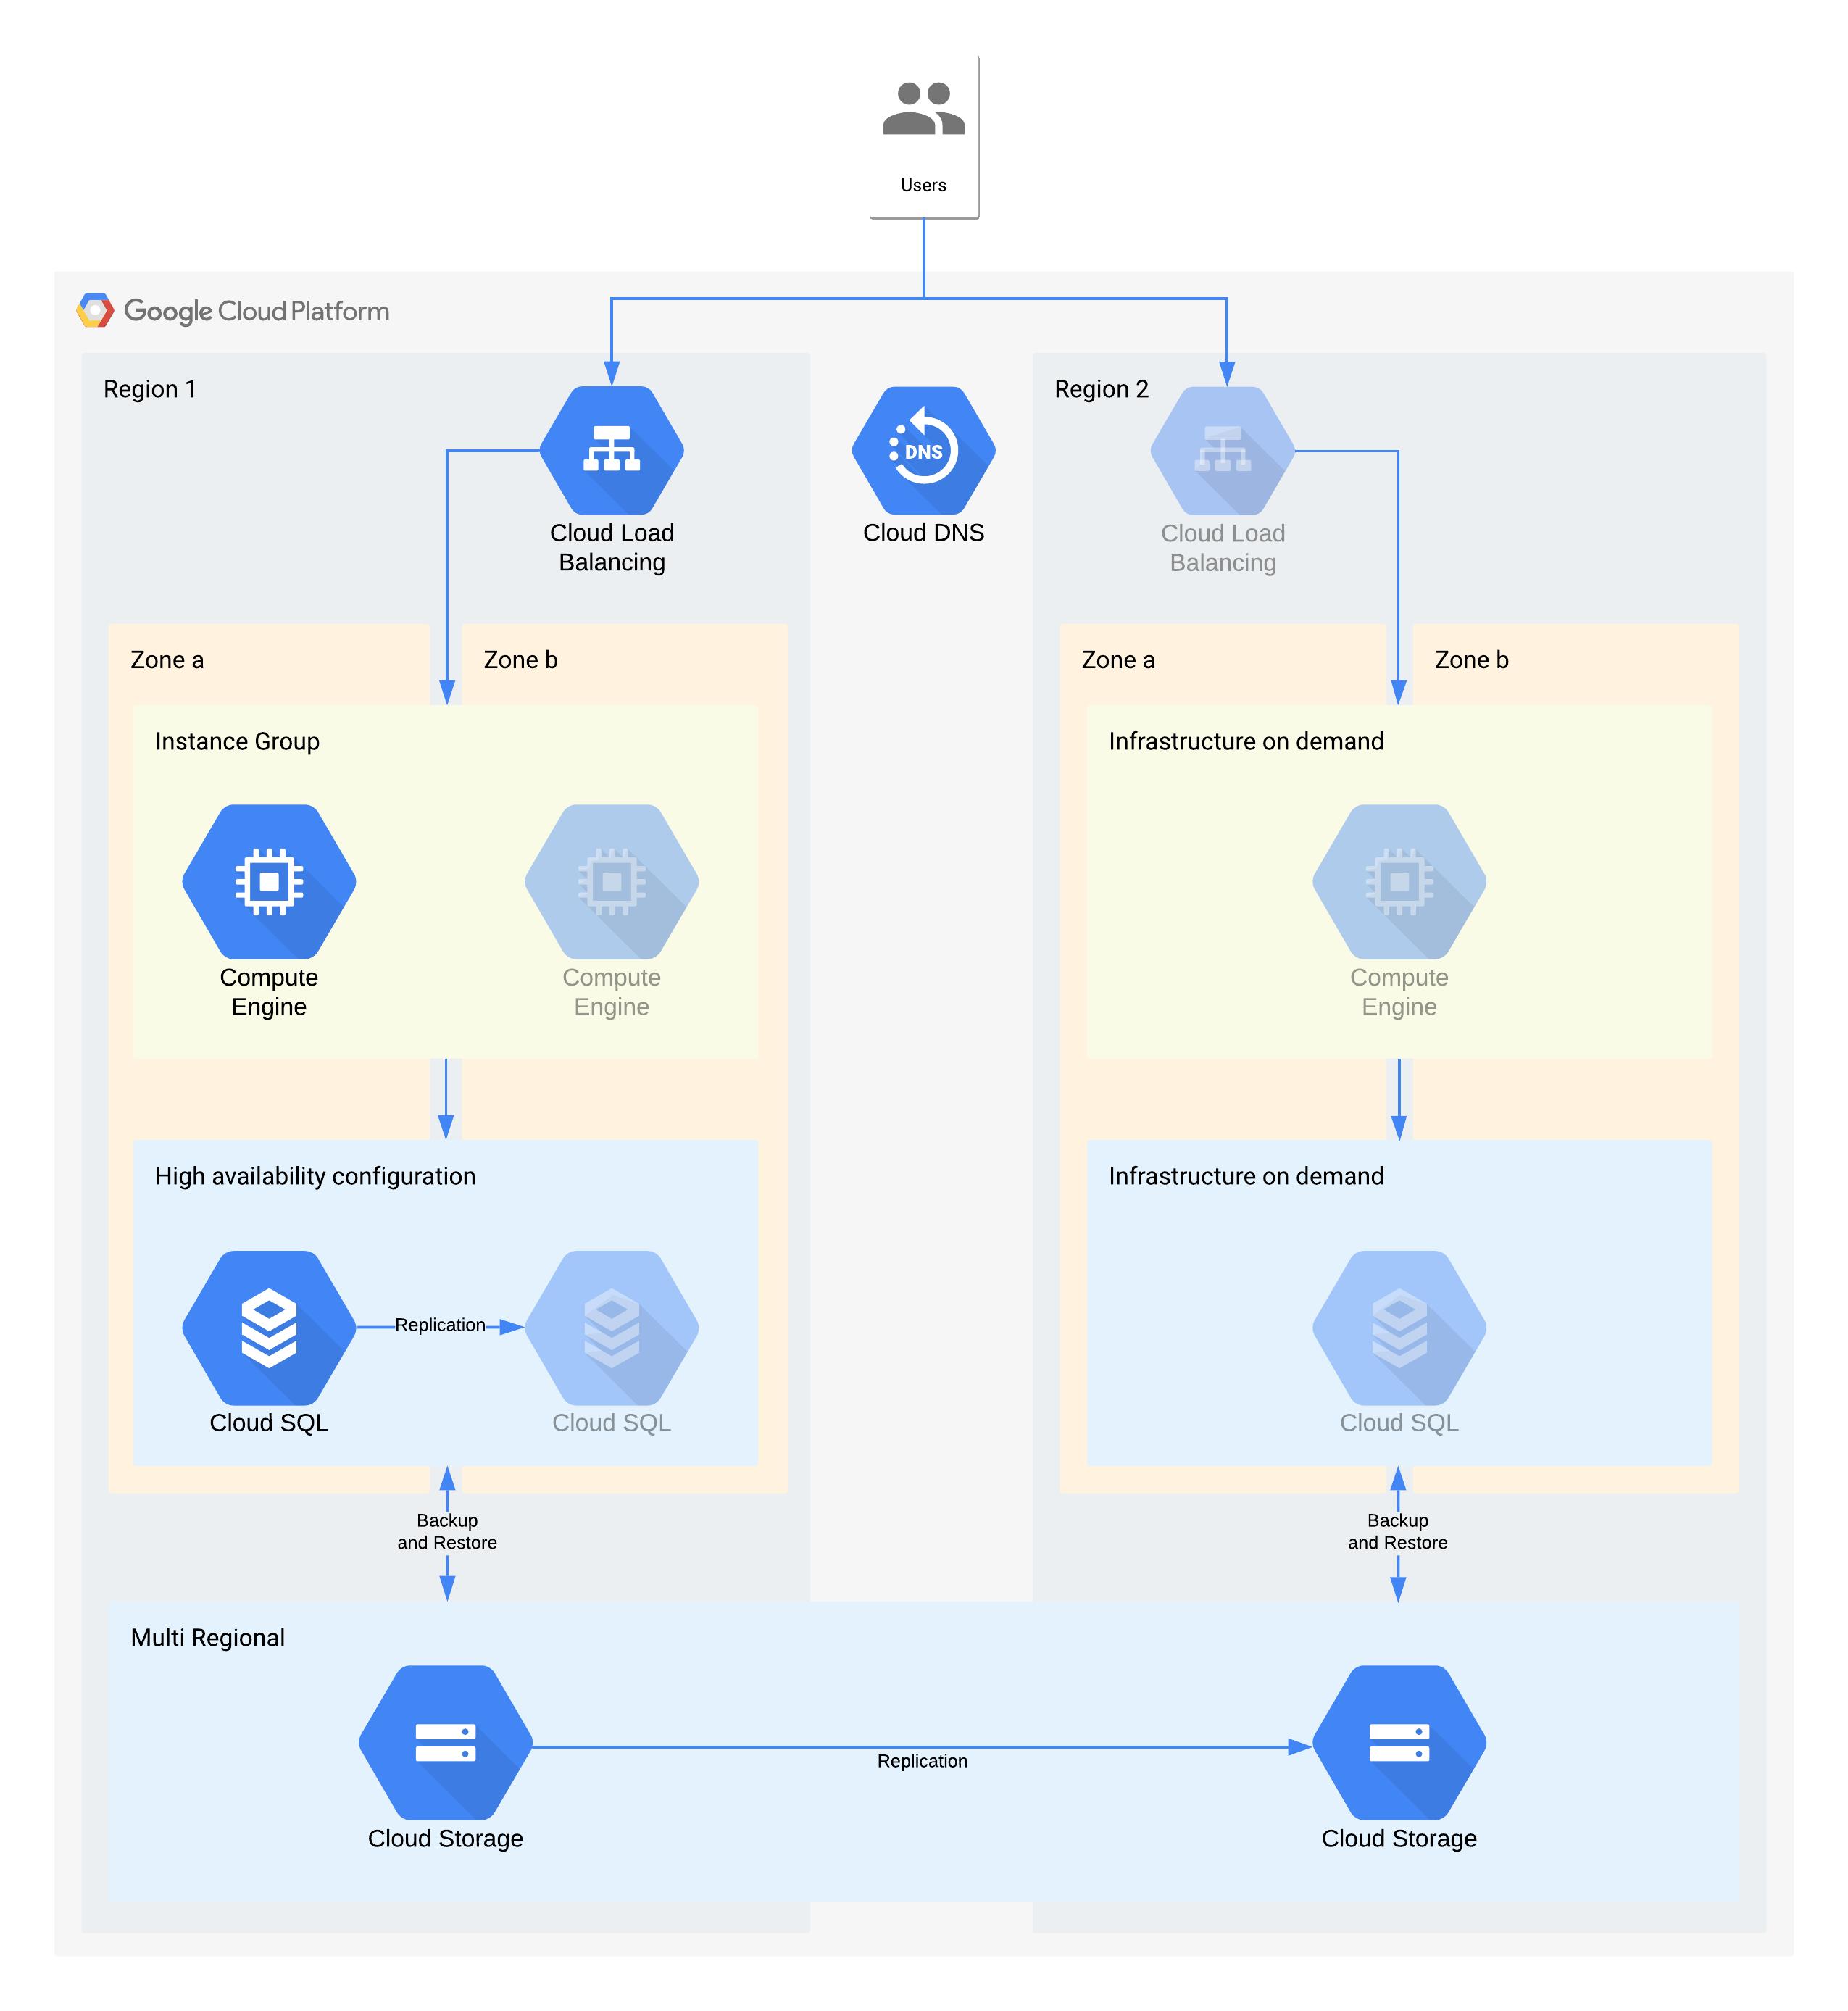 Um exemplo de arquitetura de nível 3 usando os produtos do Google Cloud